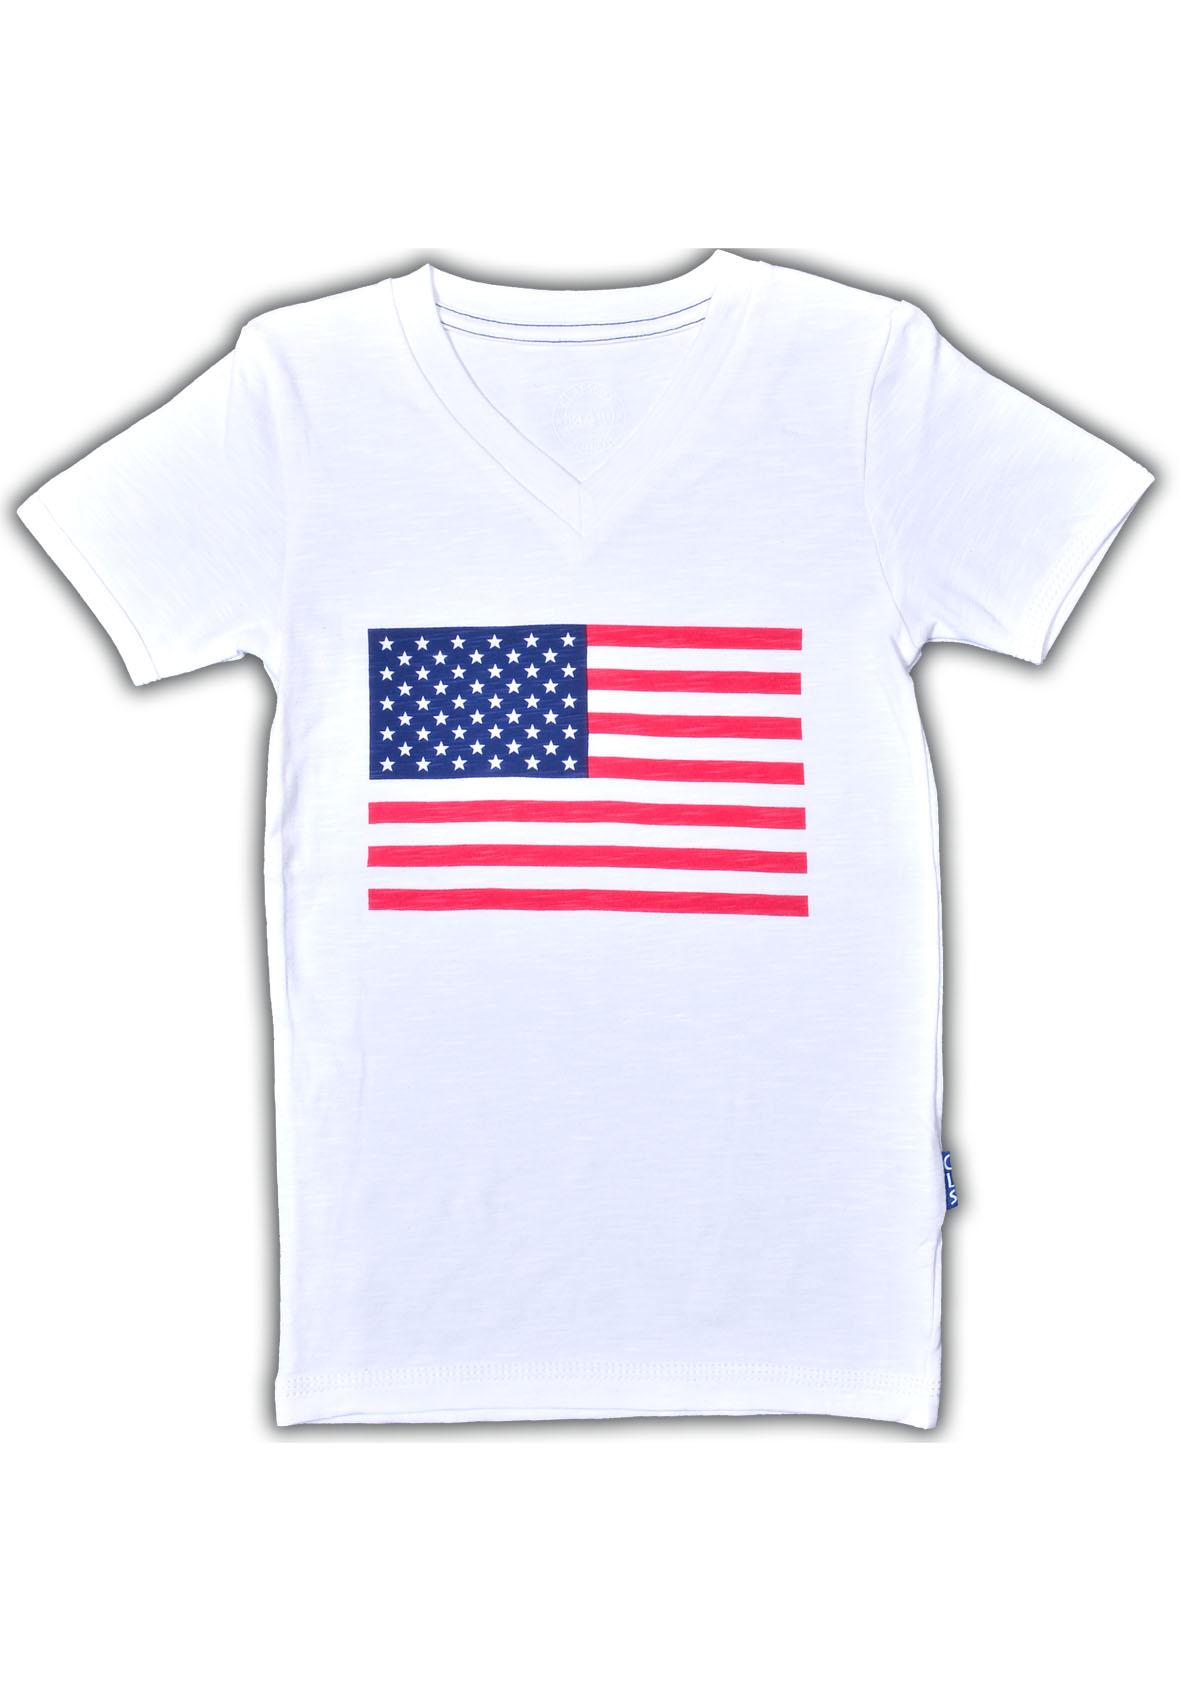 Claesen's t-shirt